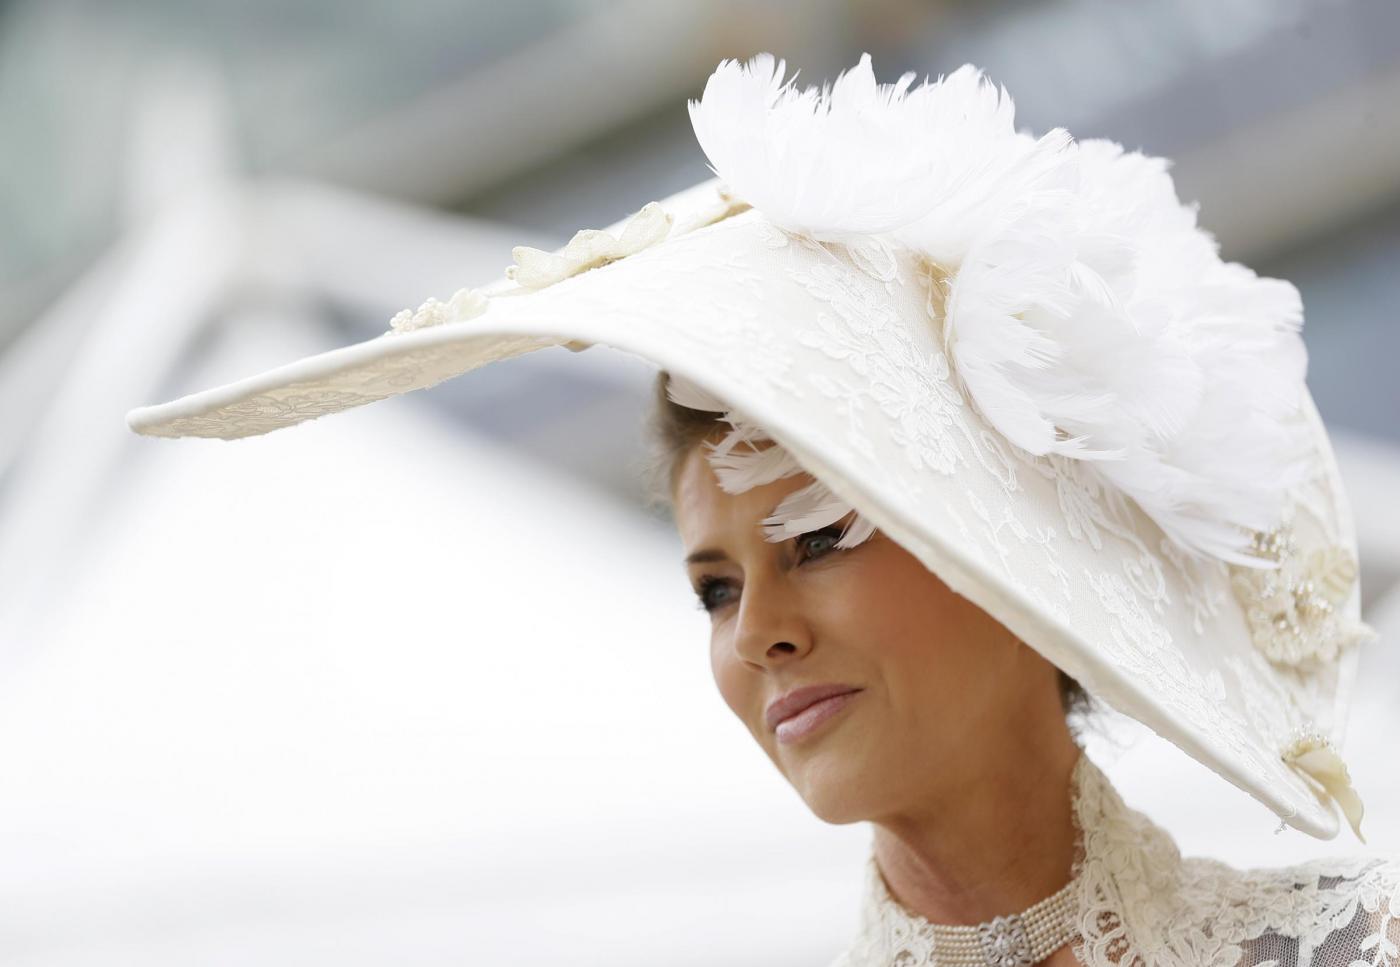 I cappelli più strani del mondo sfilano al Royal Ascot (FOTO)